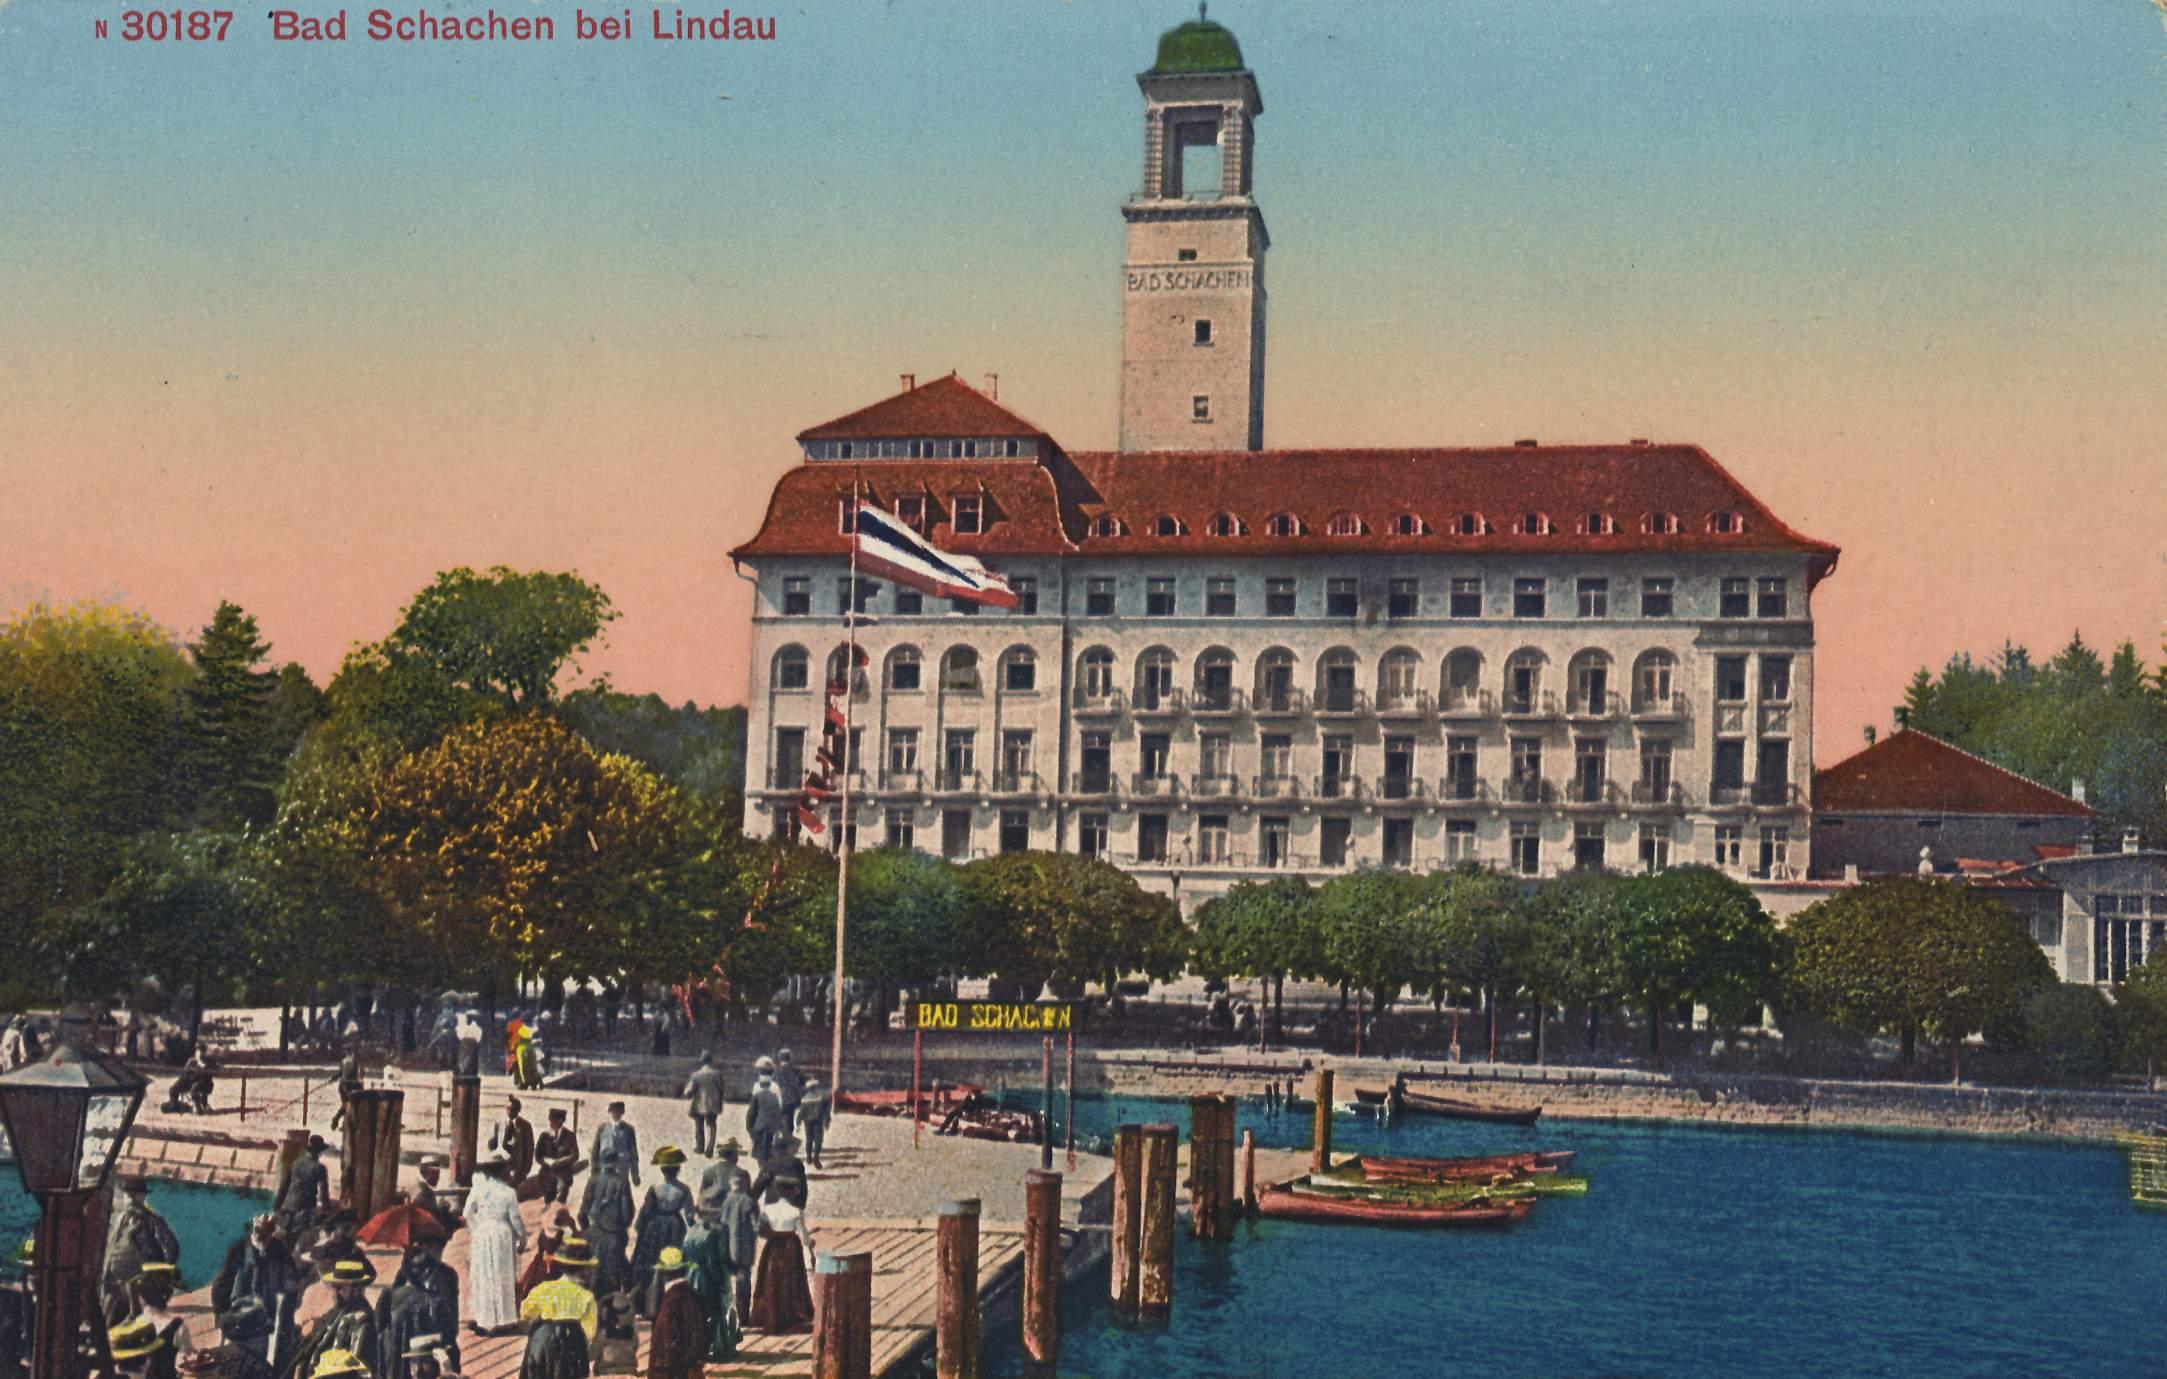 Hotel Lindenhof Bad Schachen